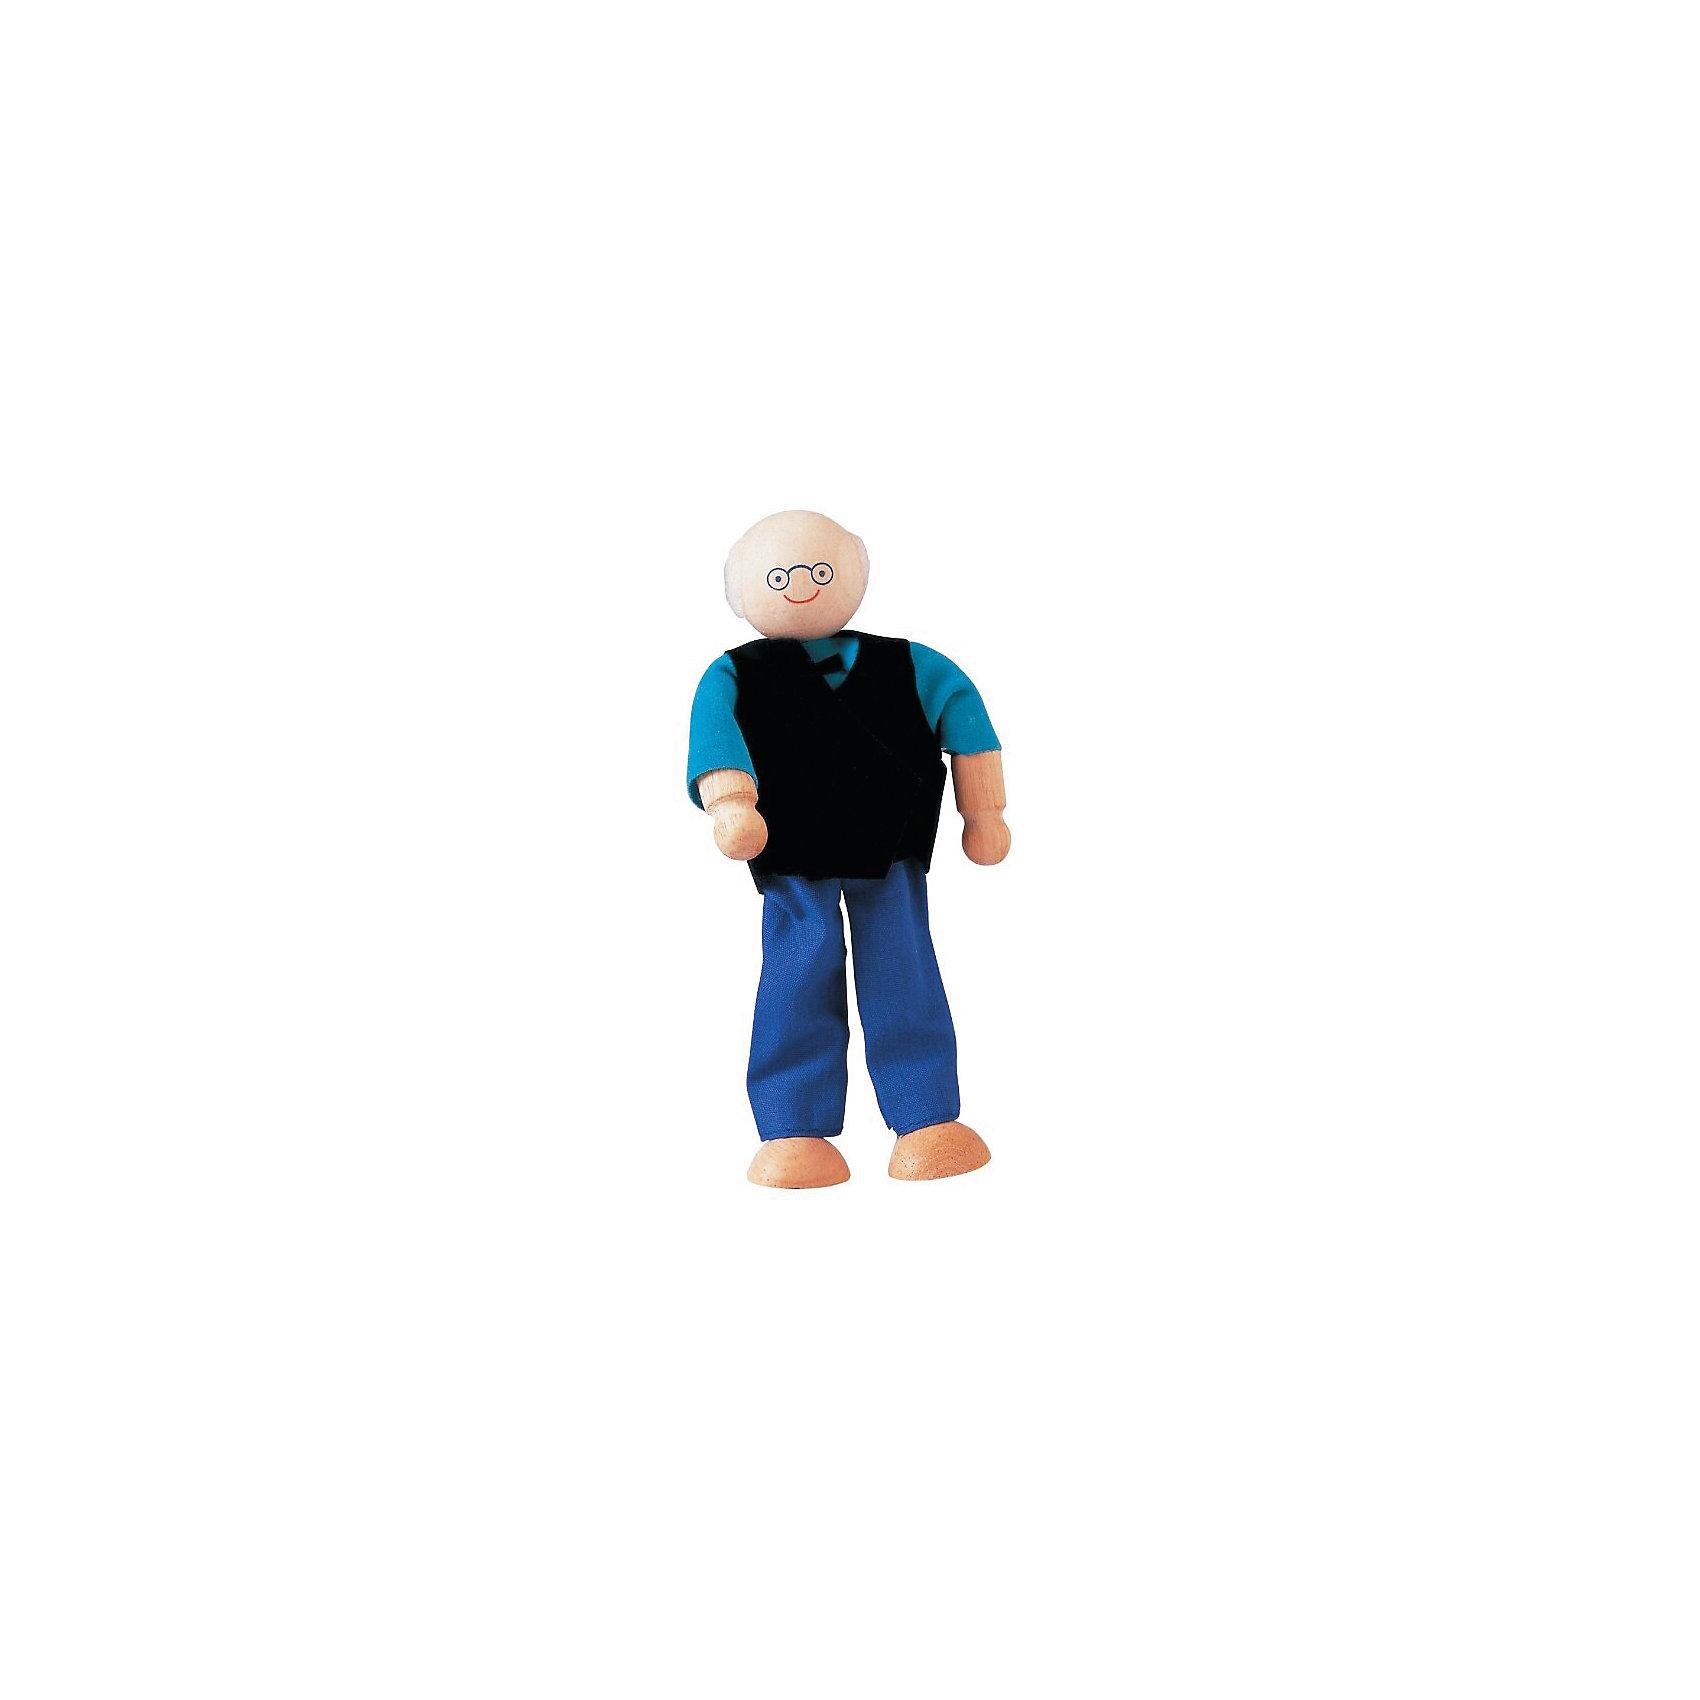 PLAN TOYS 9850 ДедушкаPLAN TOYS (Плен тойс) 9850: Дедушка.<br><br>Характеристика:<br><br>• Материал: каучуковое дерево, нетоксичные краски на водной основе, 100% хлопок.  <br>• Размер упаковки: 6,3х4,3х14 см. <br>• Размер куклы: 6х3х13 см.<br>• Кукла и одежда прекрасно проработаны, выглядят реалистично. <br>• Руки и ноги подвижные.<br>• Кукла может сидеть и стоять.<br><br>Добрый дедушка ждет в гости своих любимых внуков! Кукла выполнена из высококачественных материалов, в производстве которых использованы экологичные красители на водной основе. Игрушка выглядят очень реалистично, одета в повседневную одежду из натурального хлопка, все детали которой прекрасно проработаны. Отличный вариант для сюжетно-ролевых игр.<br><br>PLAN TOYS (Плен тойс) 9850: Дедушку можно купить в нашем интернет-магазине.<br><br>Ширина мм: 43<br>Глубина мм: 140<br>Высота мм: 63<br>Вес г: 110<br>Возраст от месяцев: 36<br>Возраст до месяцев: 72<br>Пол: Женский<br>Возраст: Детский<br>SKU: 2175357